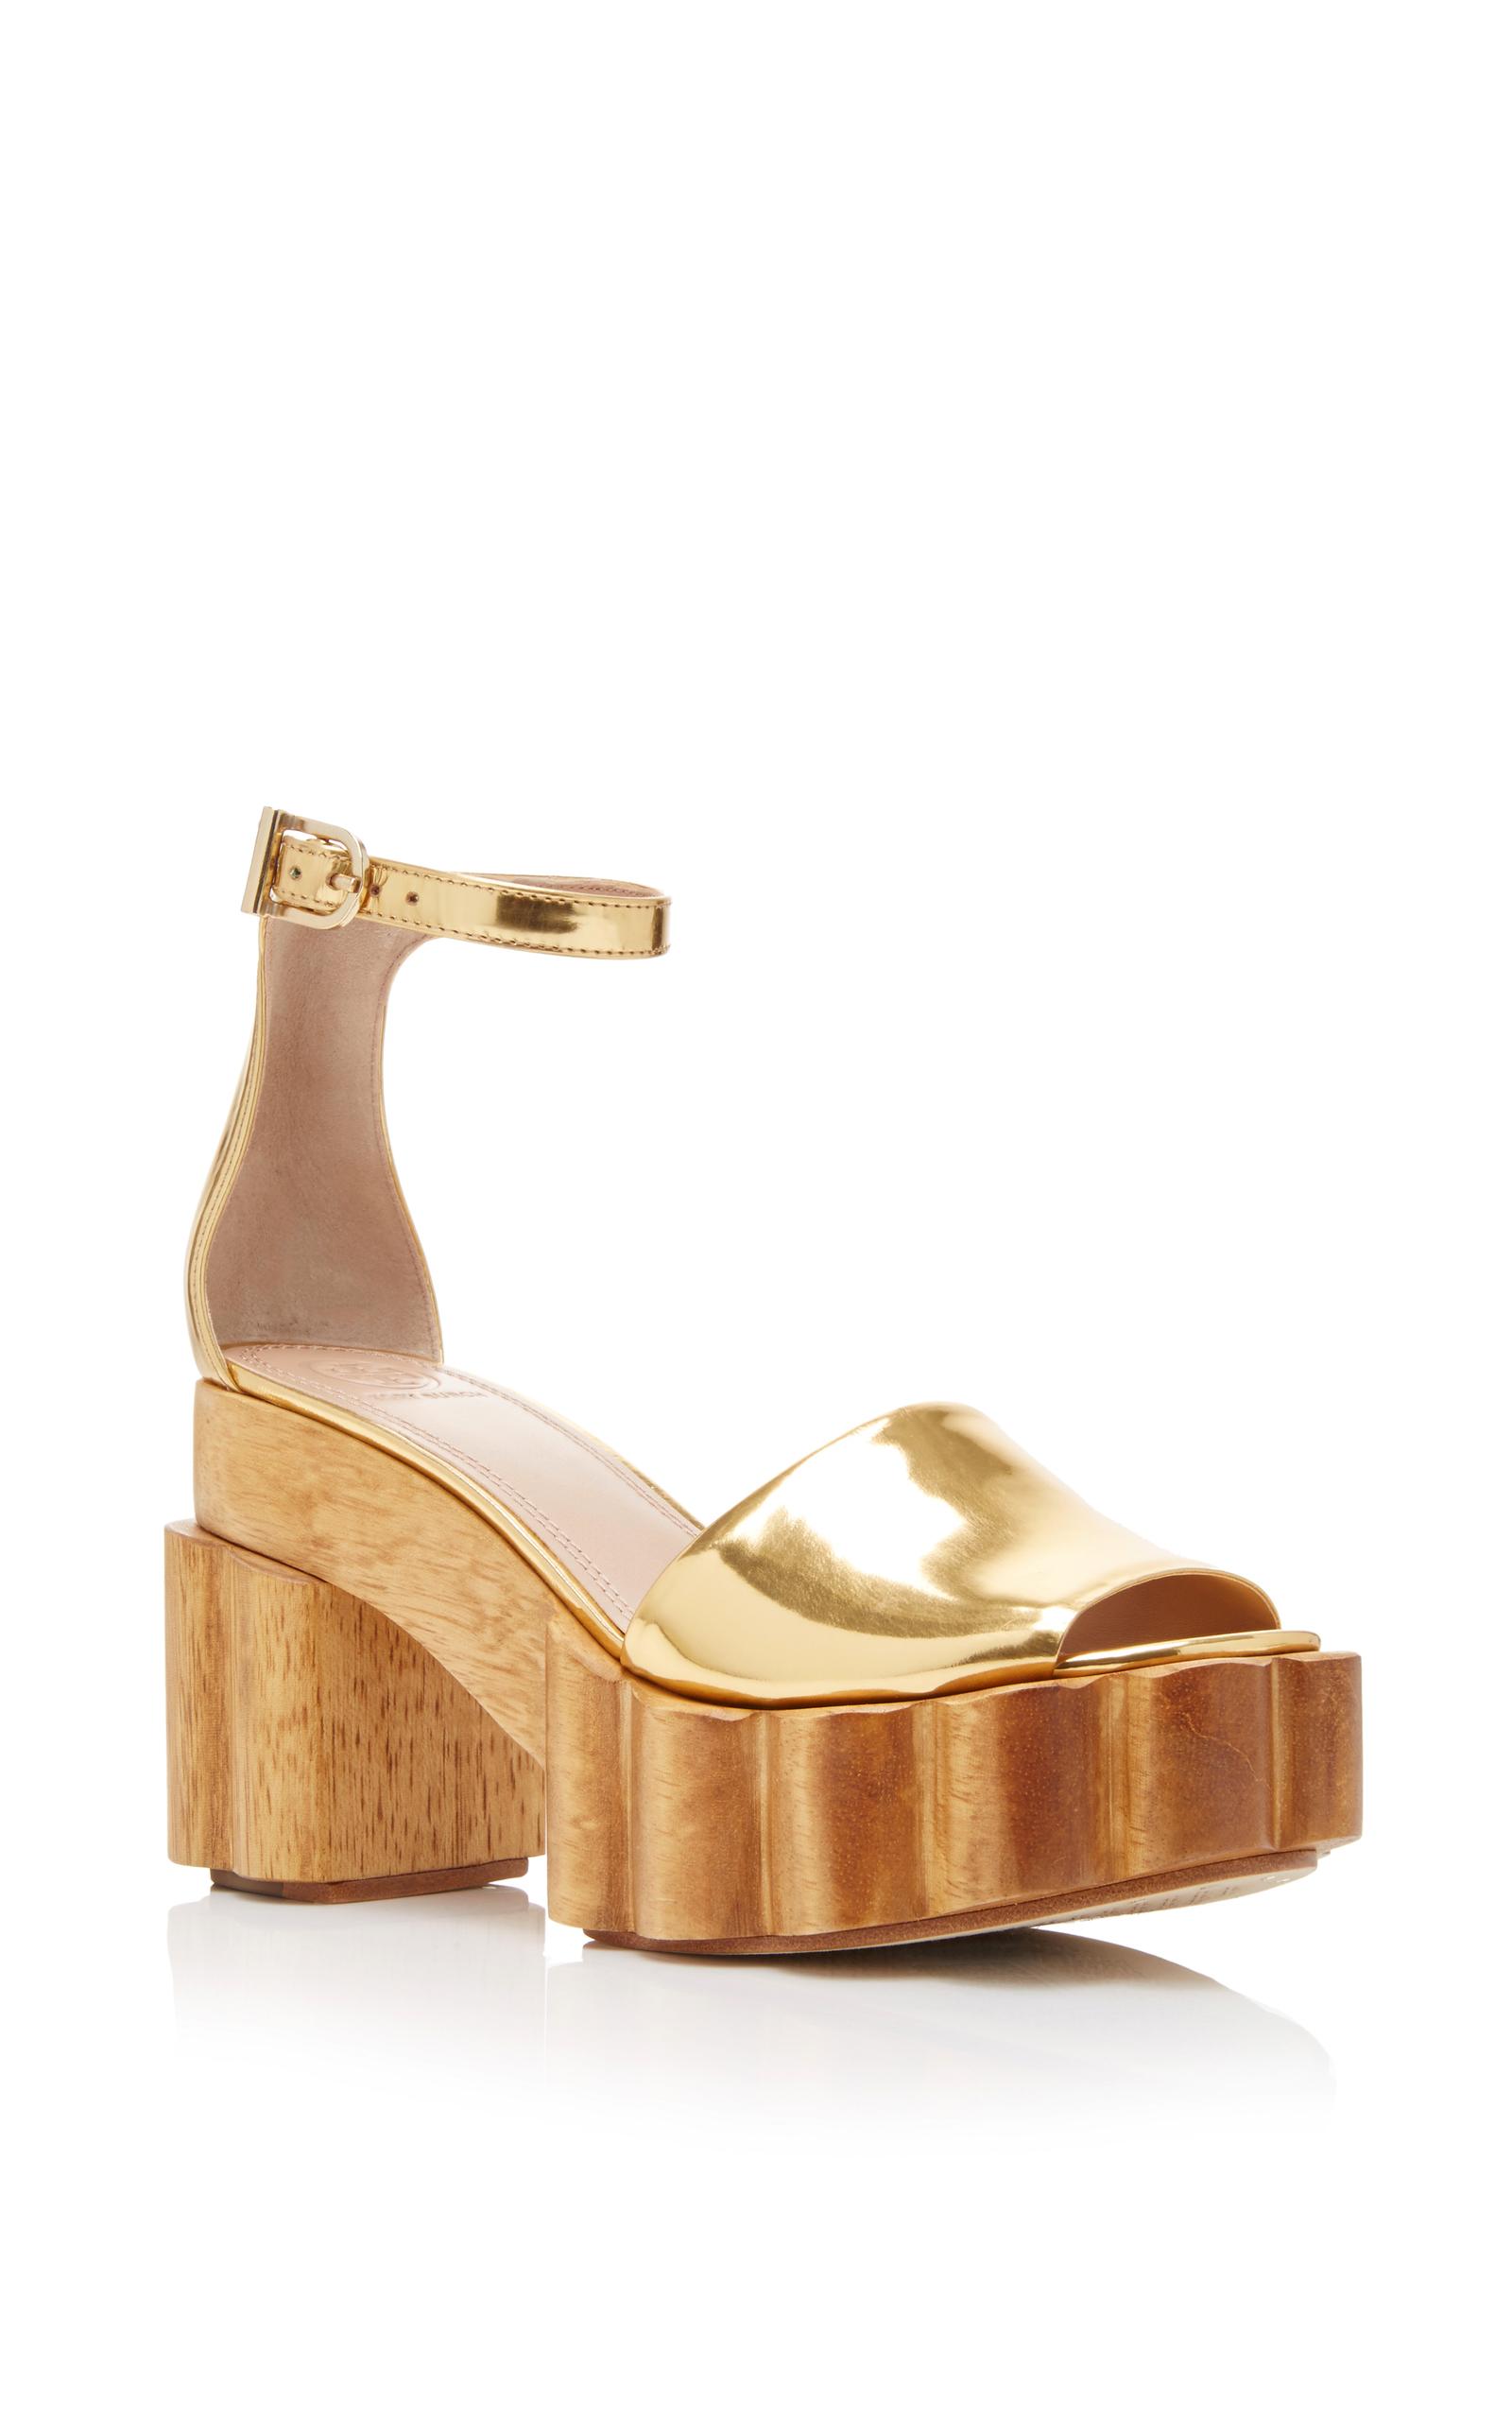 9577174259a0 Tory BurchAlma Metallic Platform Sandal. CLOSE. Loading. Loading. Loading.  Loading